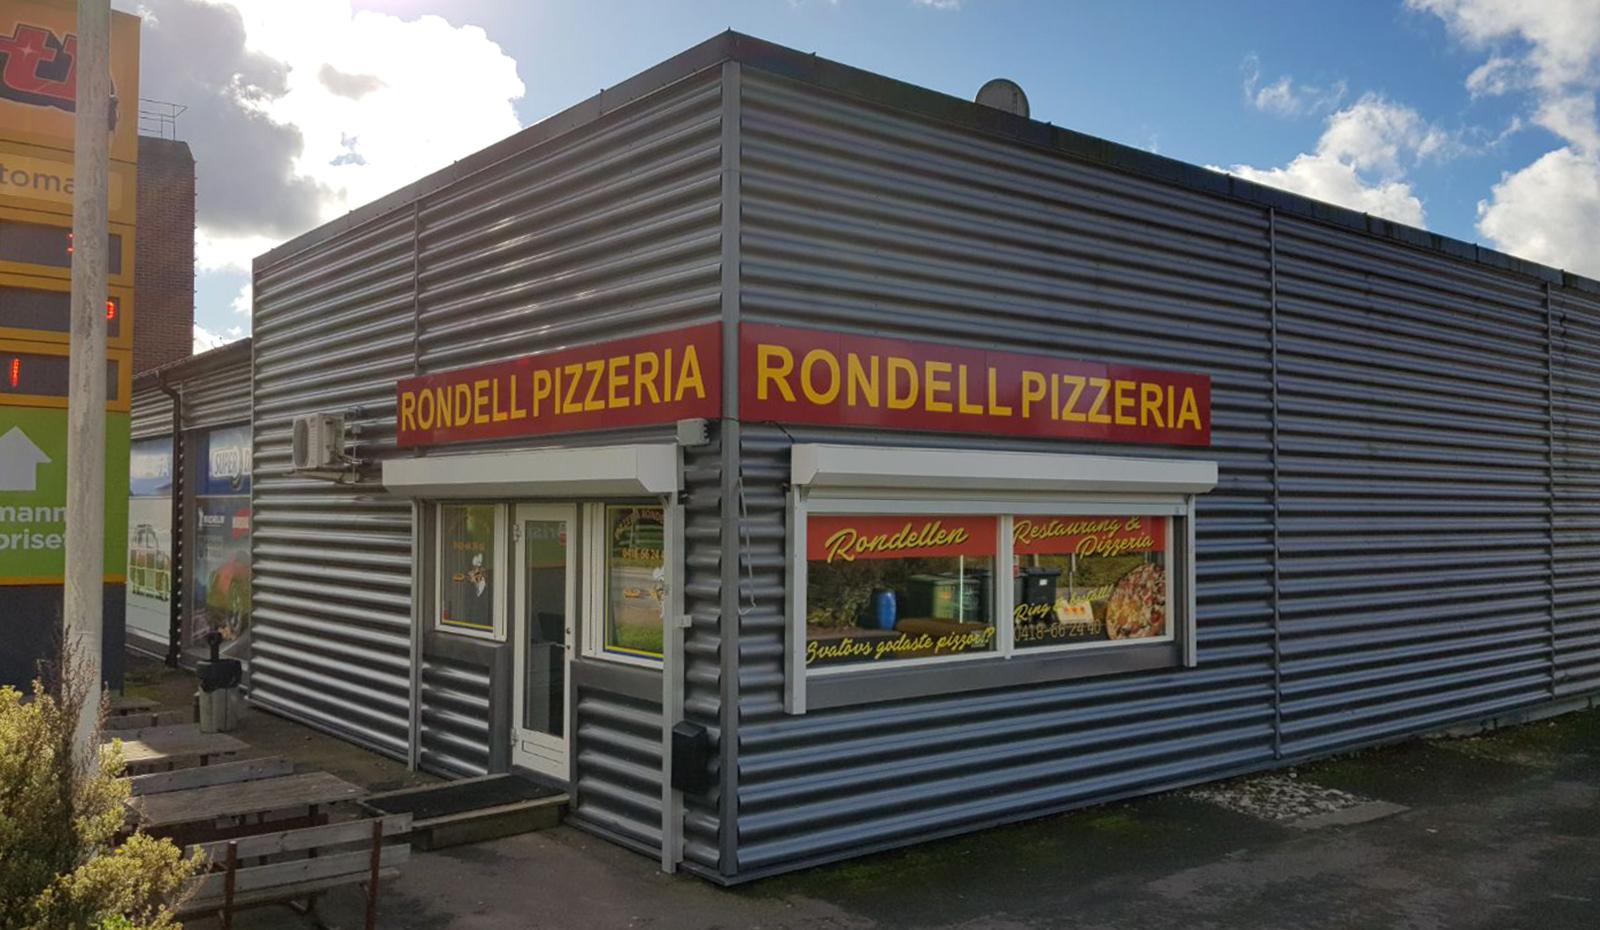 Rondell Pizzeria